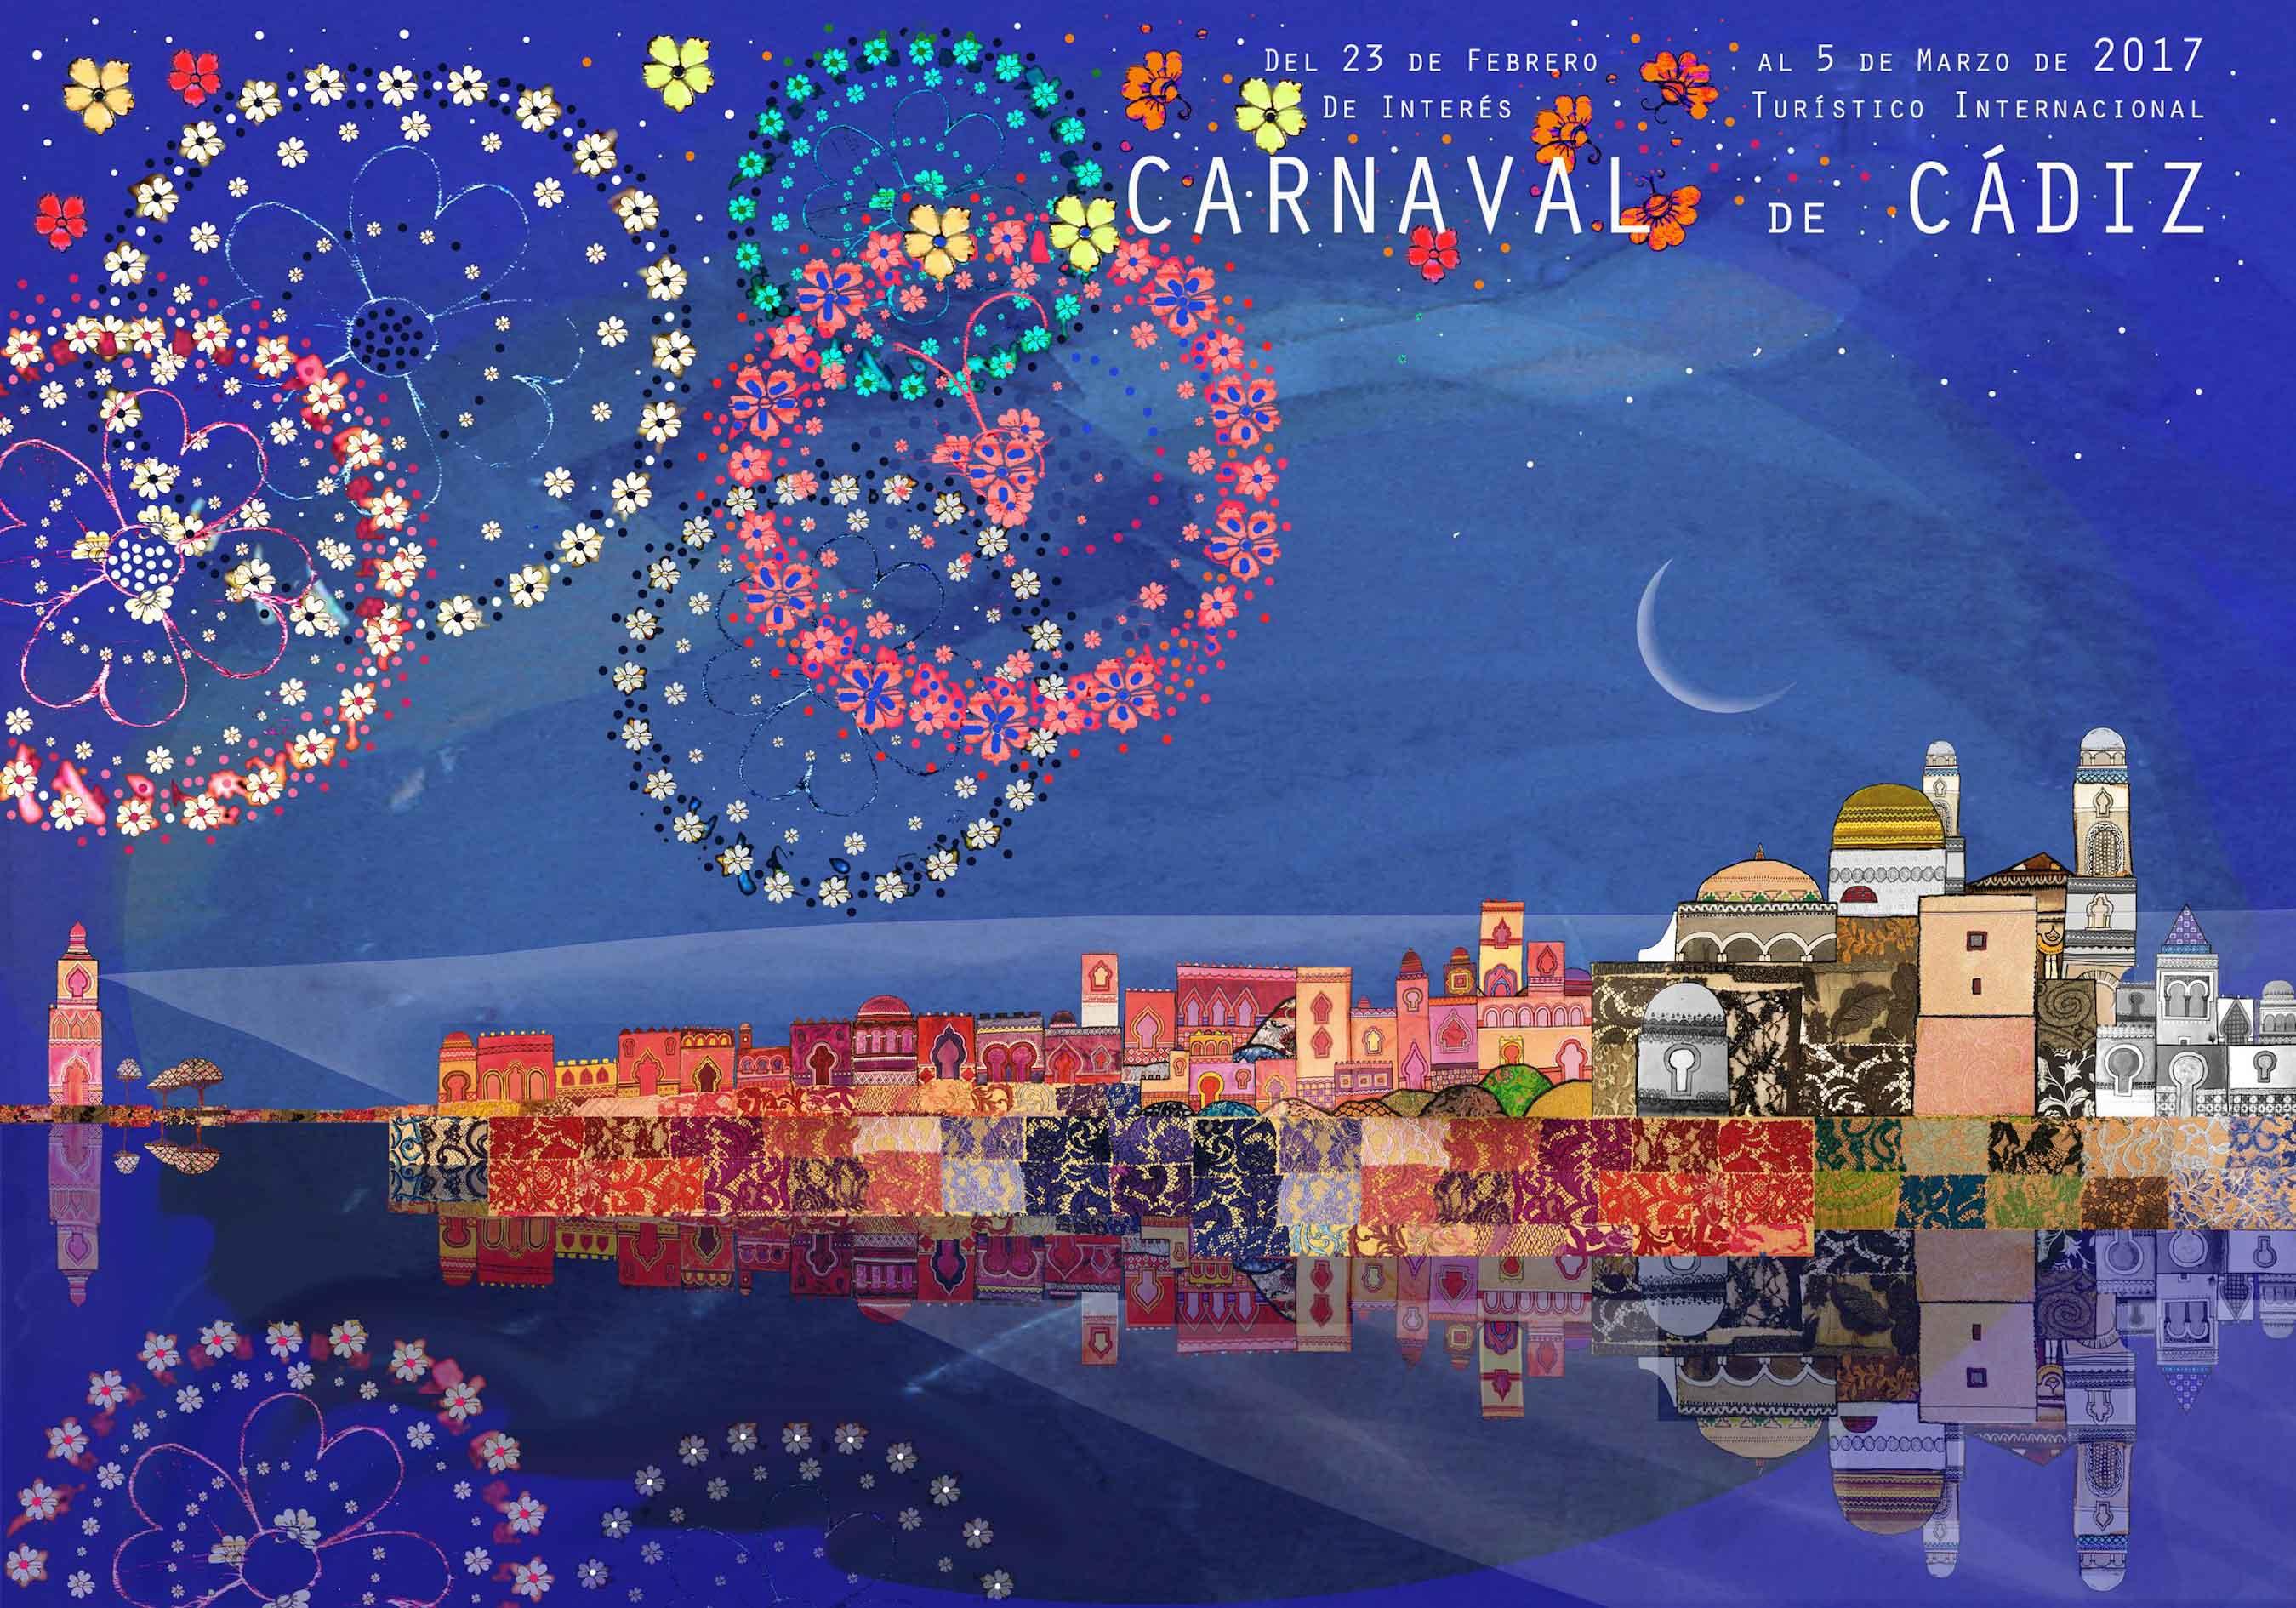 cartel-concurso-carnaval-de-cadiz-2017